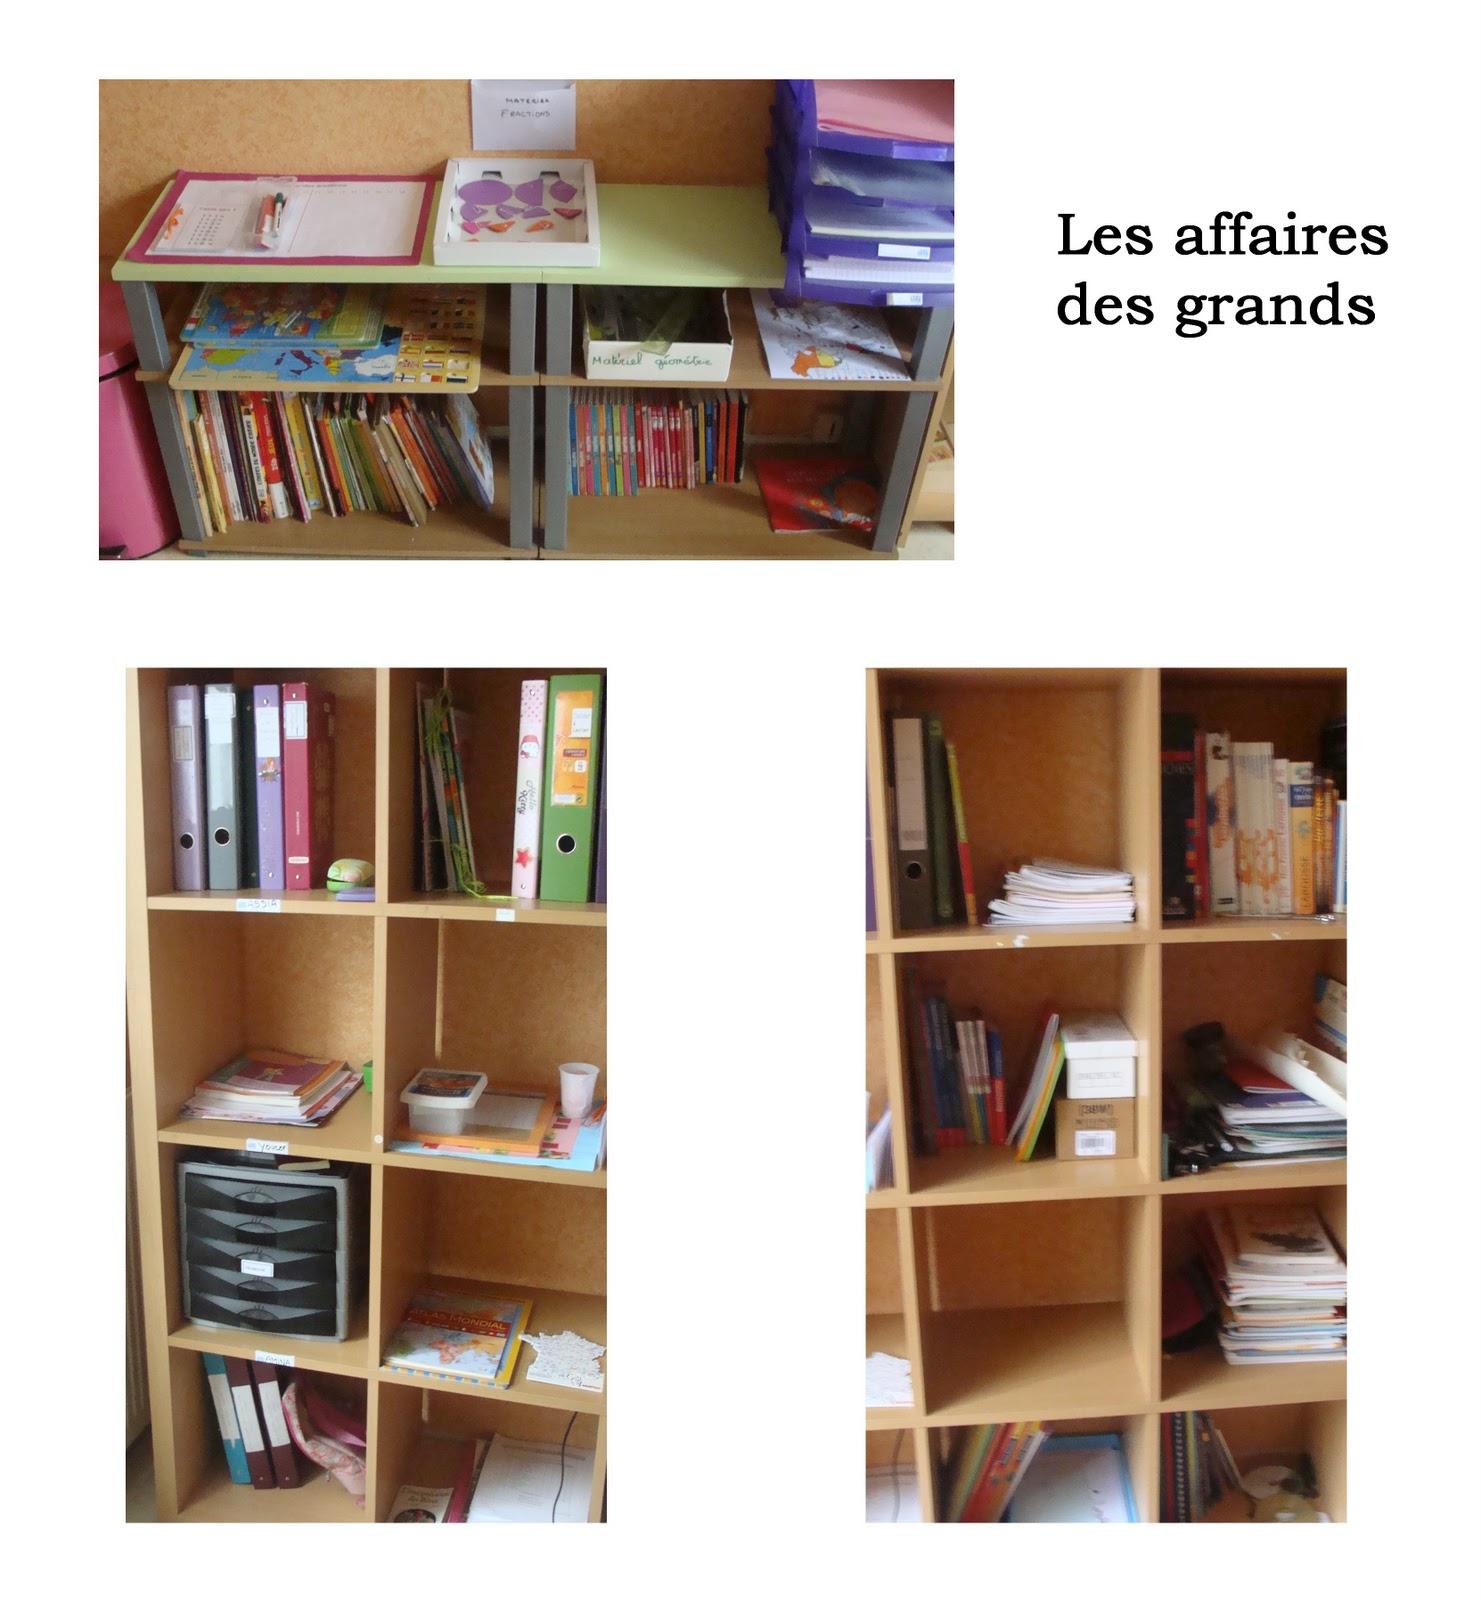 Photos de la classe nouvelle disposition novembre 2011 for Nouvelles dispositions de maison